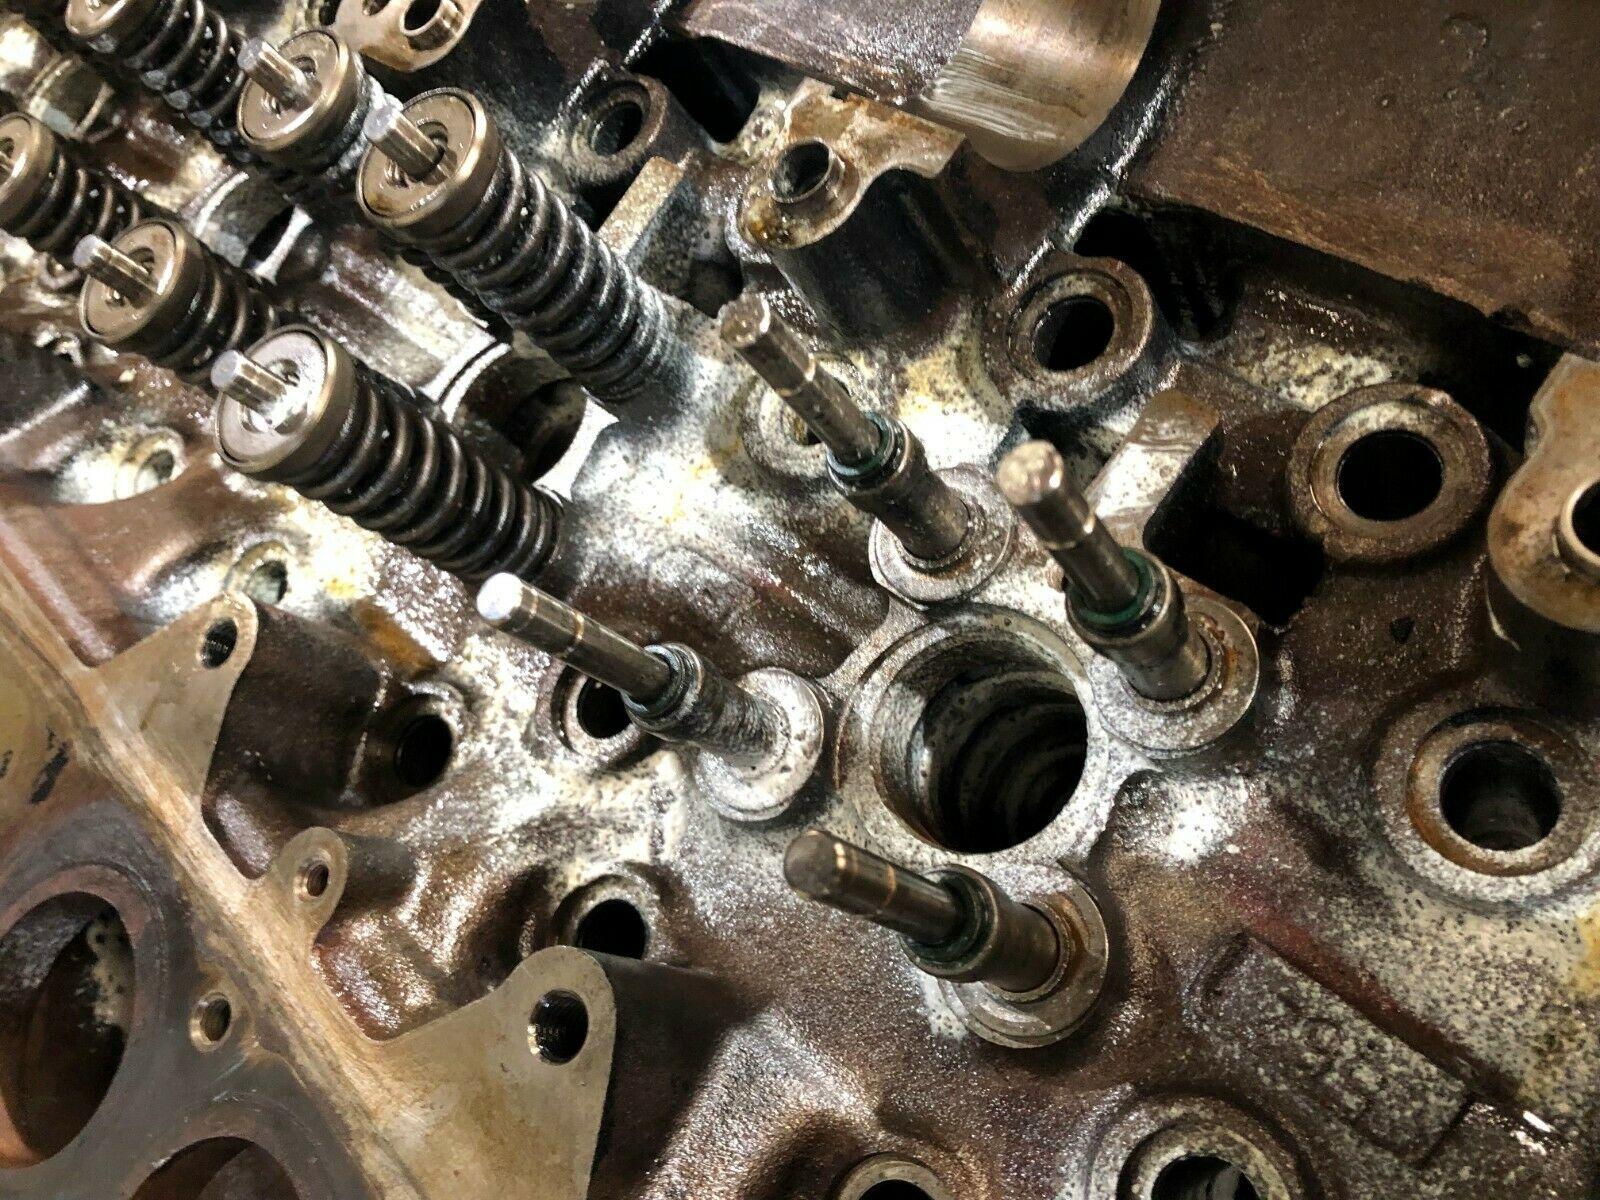 Detroit Series 60 14.0 Liter Diesel Engine Cylinder Head As Is OEM image 7